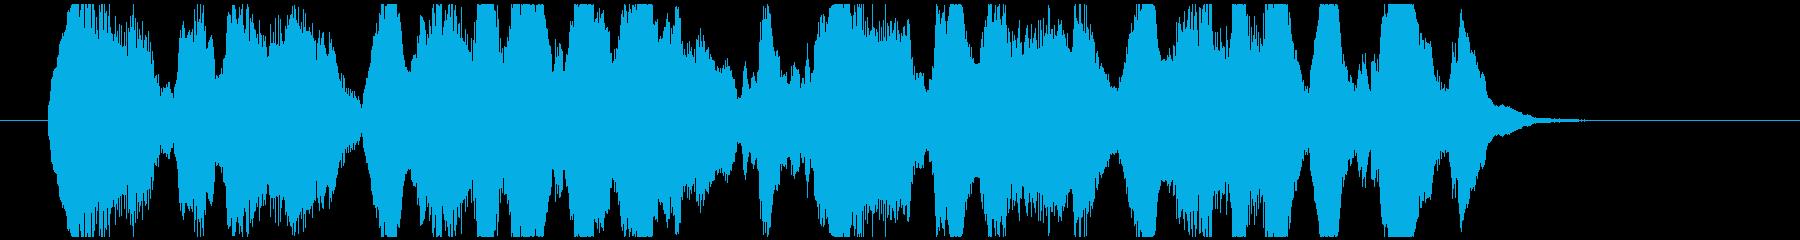 クラリネットとマリンバの楽しげなジングルの再生済みの波形